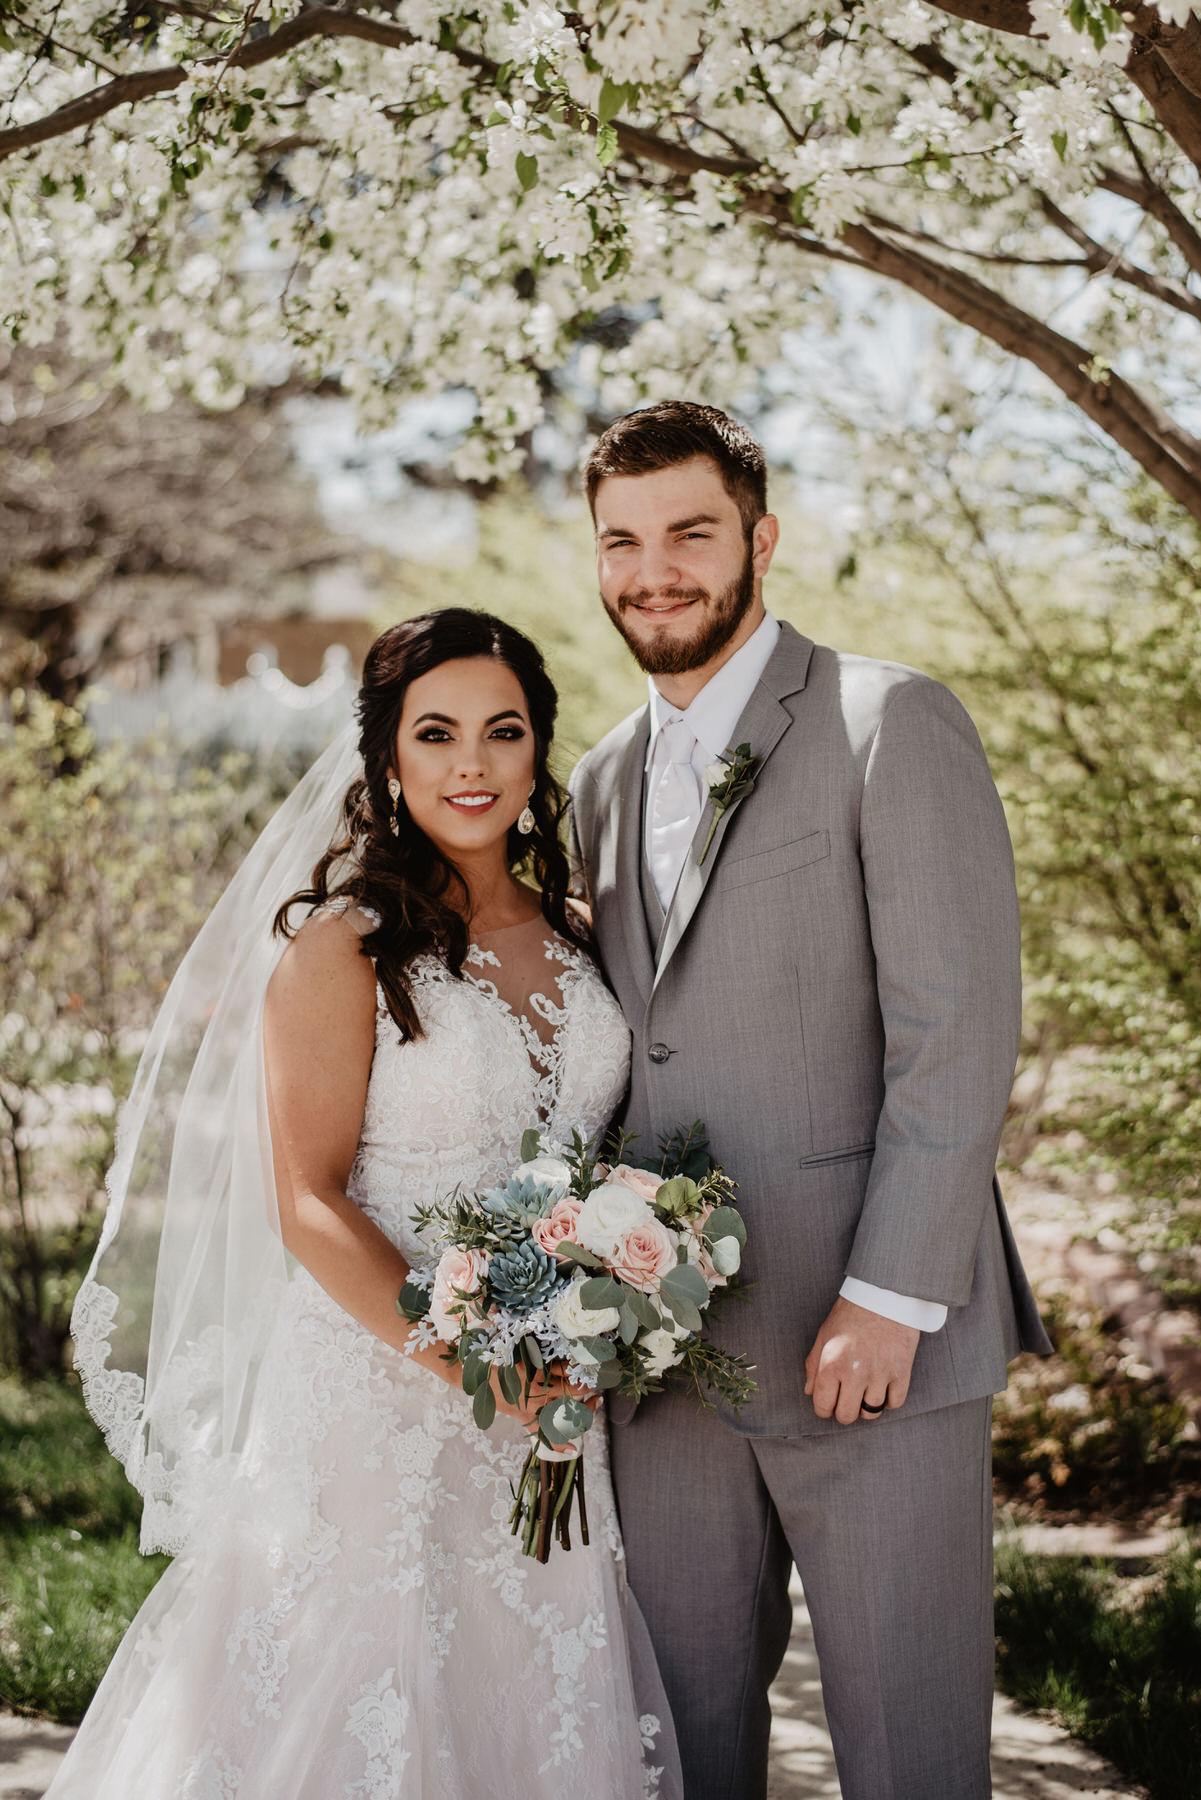 Kaylie-Sirek-Photography-Kearney-Nebraska-Wedding-041.jpg